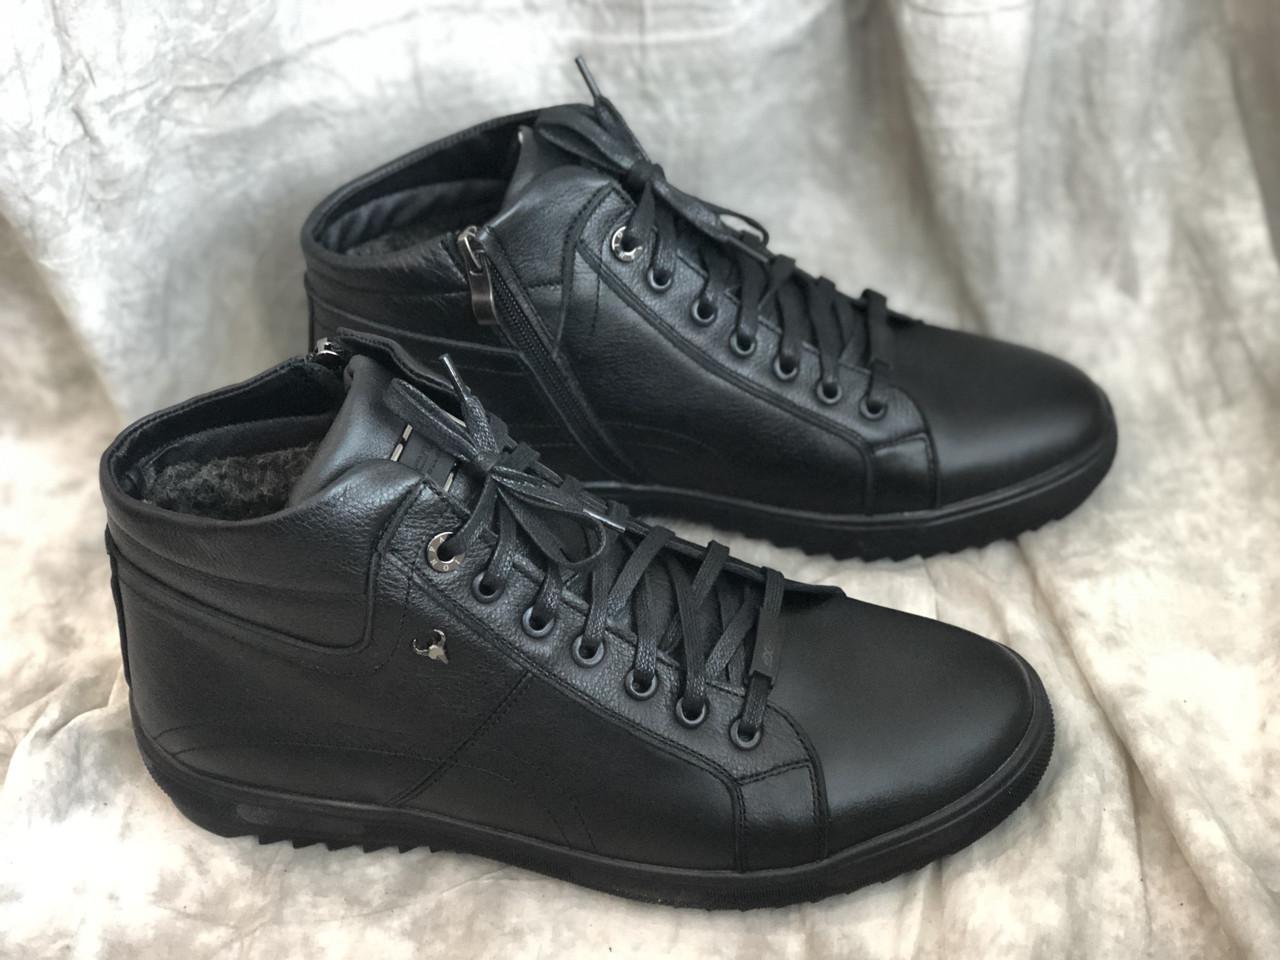 Зимние ботинки мужские с натуральной кожи 478 ч/к размеры 40,41,44,45